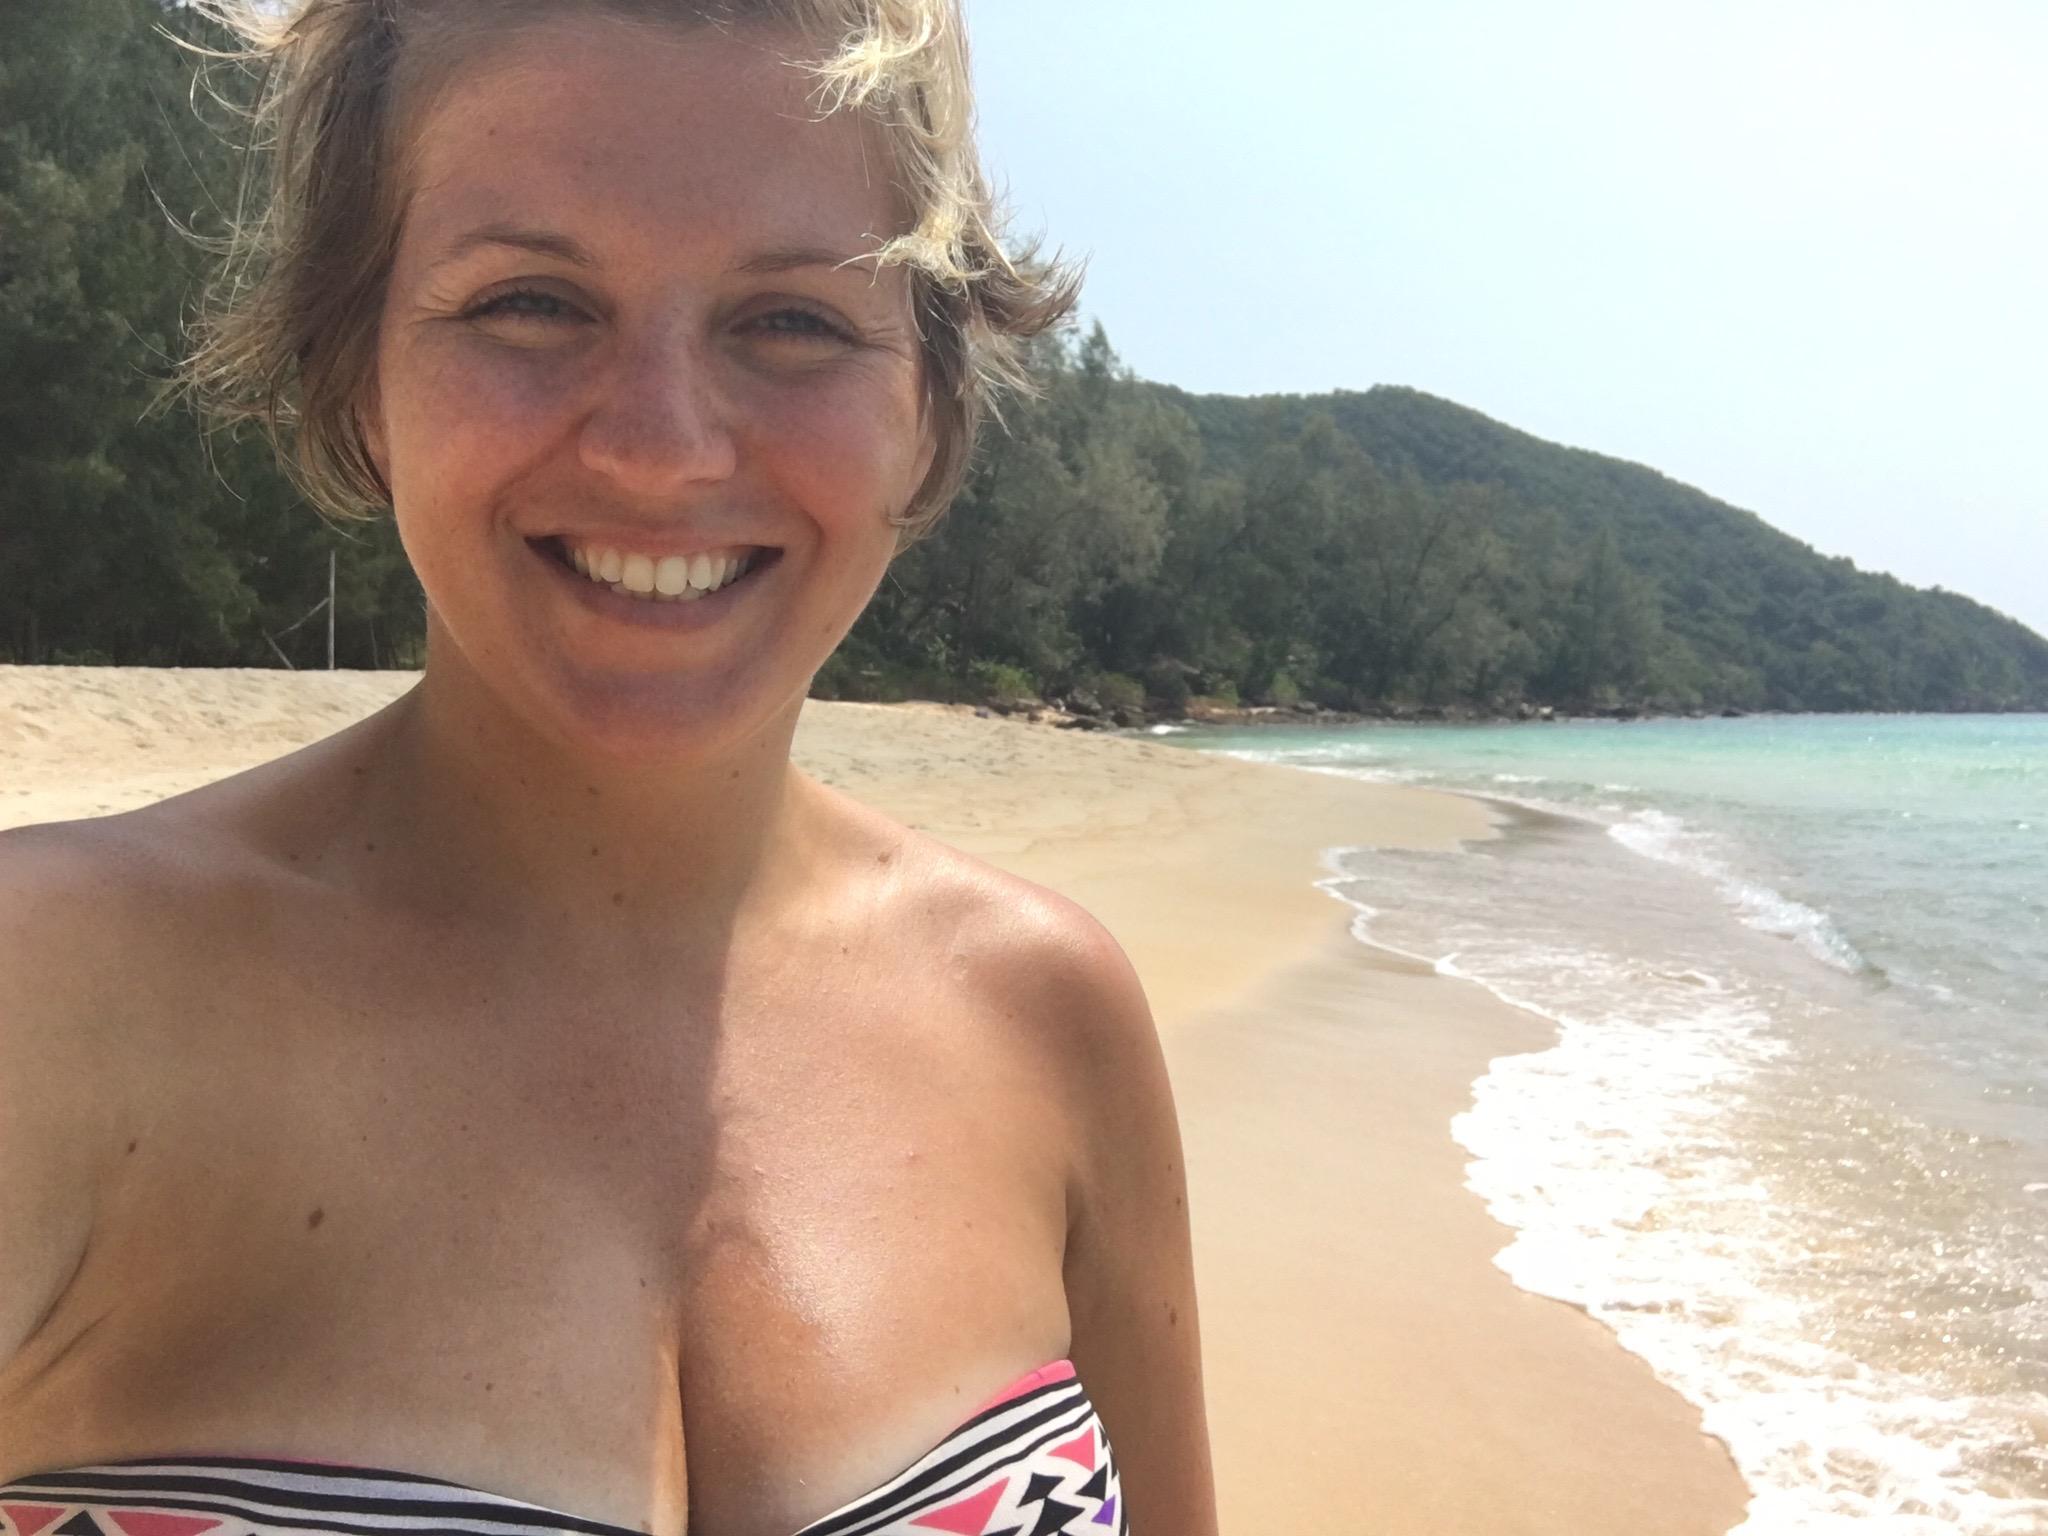 Samloem's amazing beach